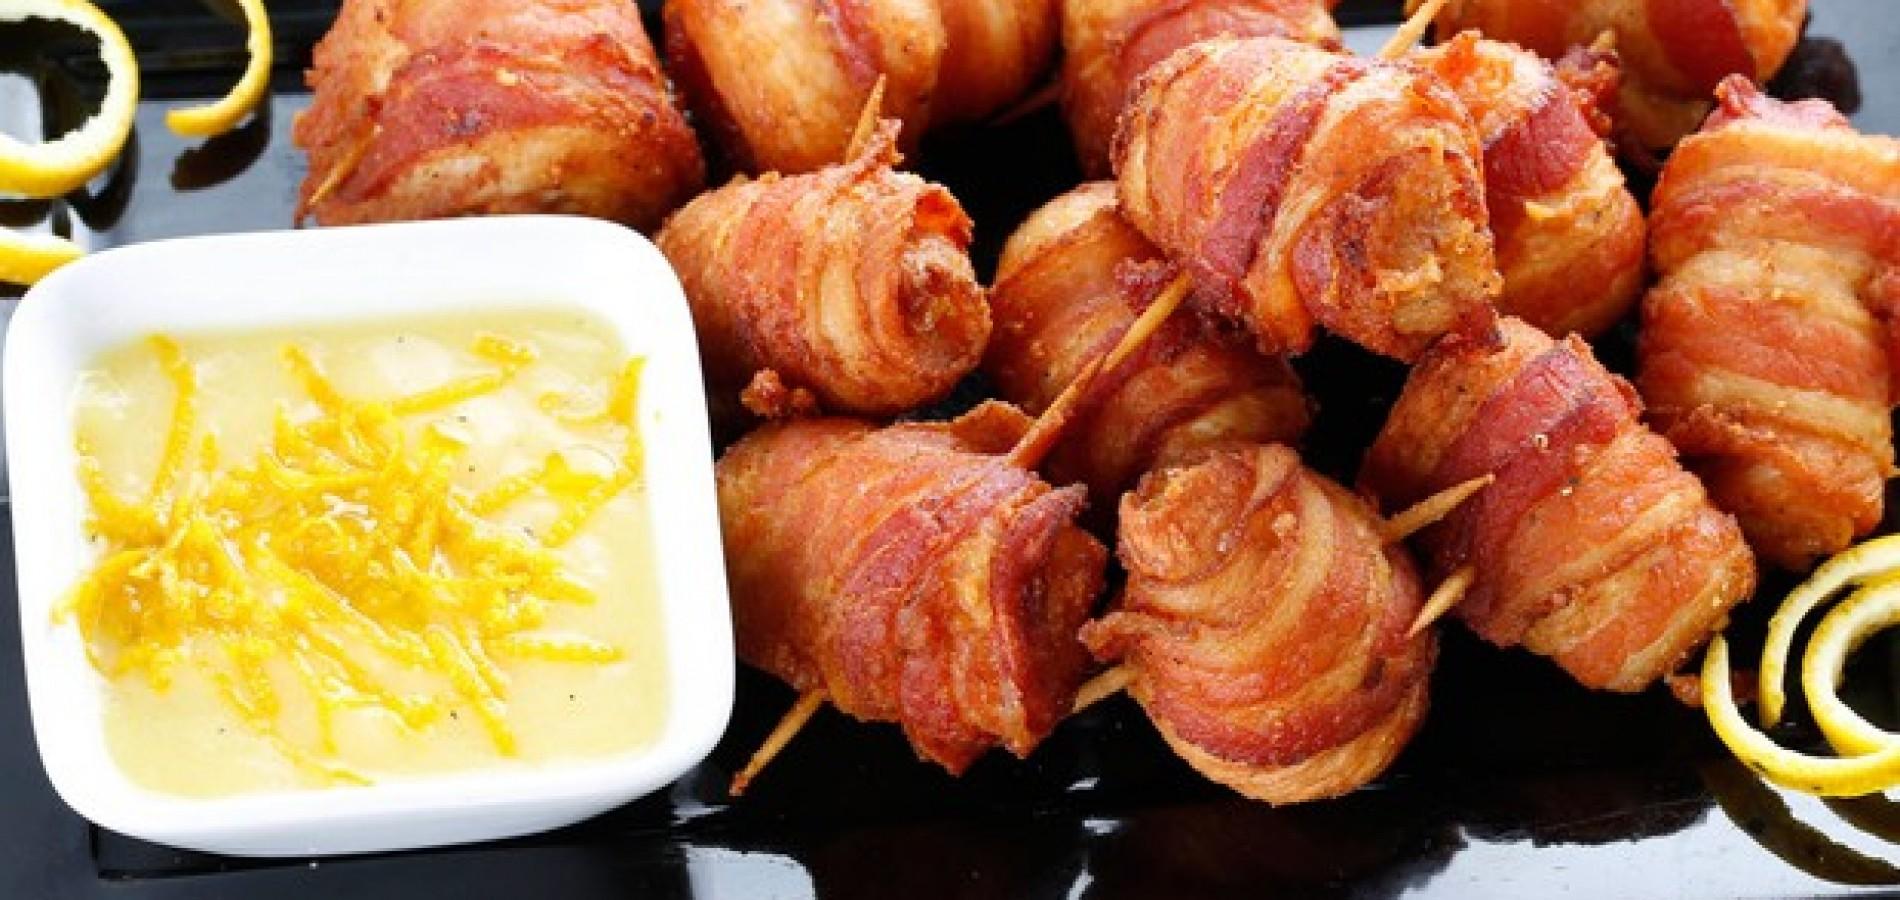 OMS alerta que  bacon e salsicha aumentam as chances de câncer